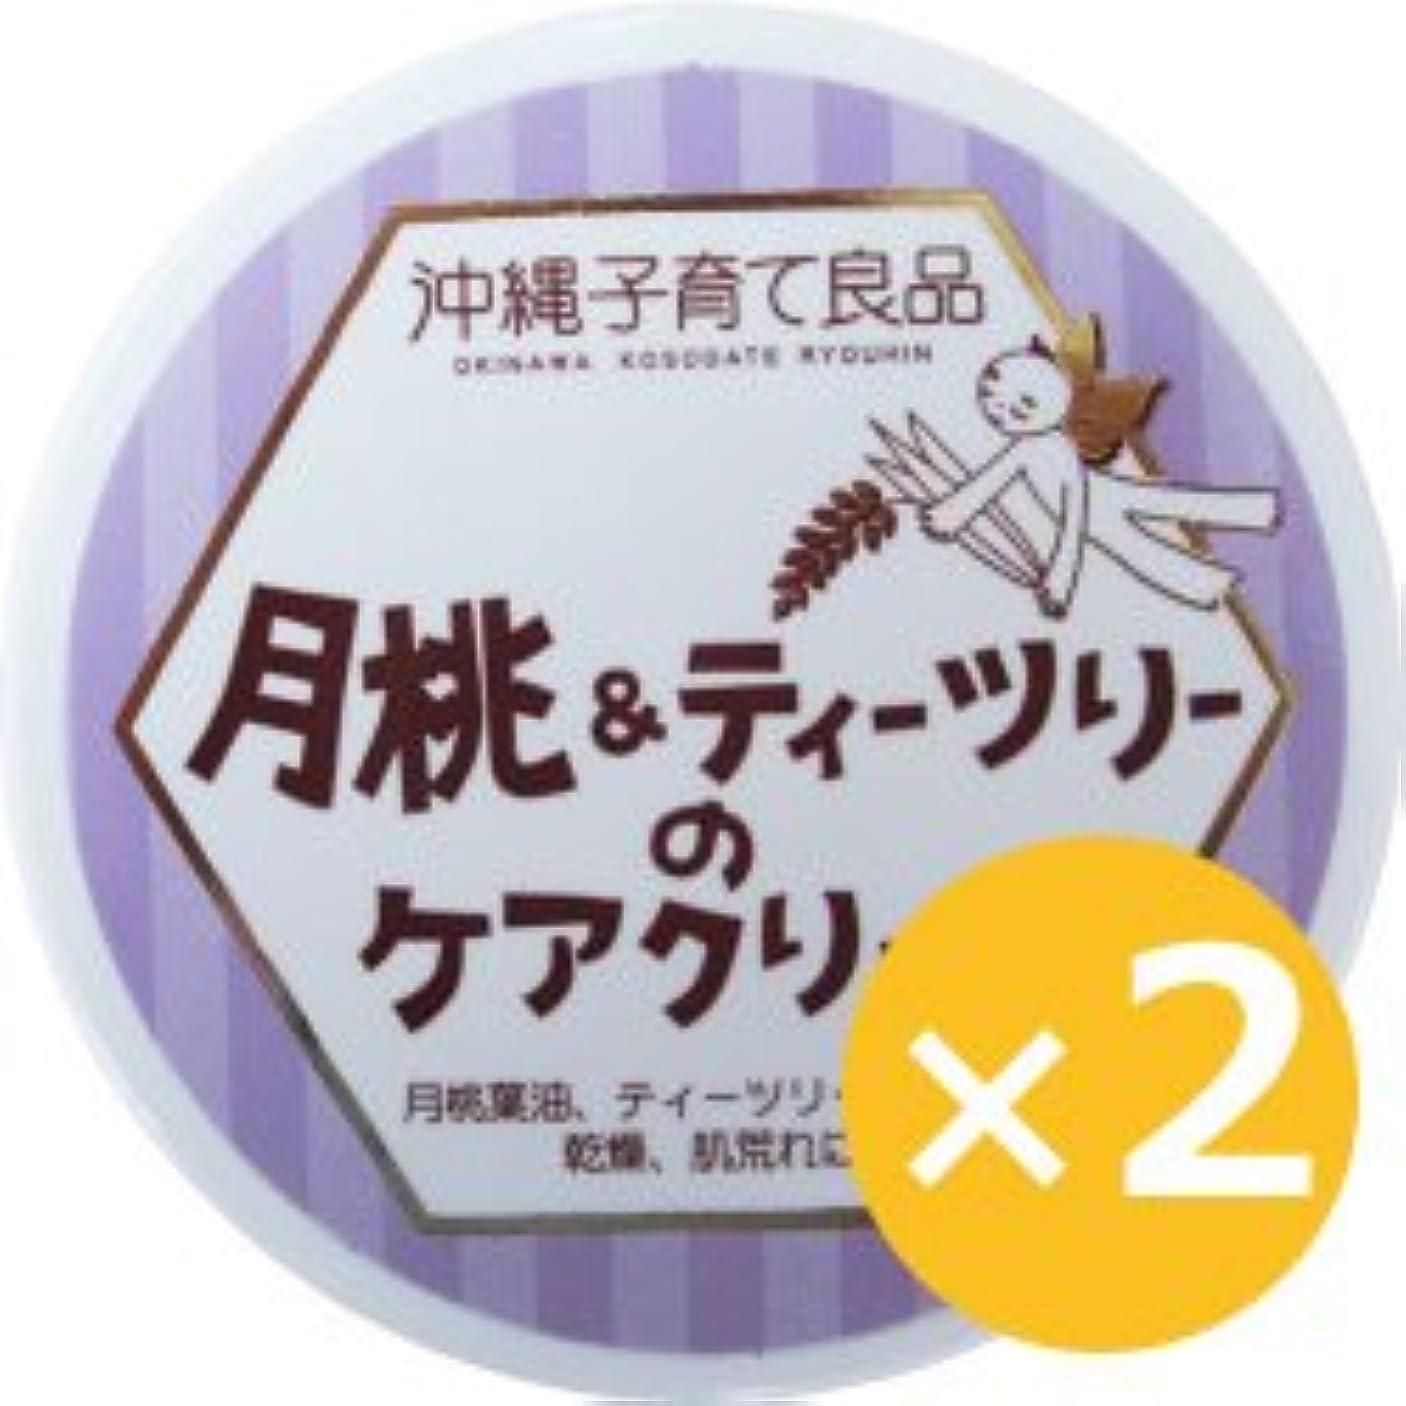 タイル著名な実際に月桃&ティーツリークリーム 25g×2